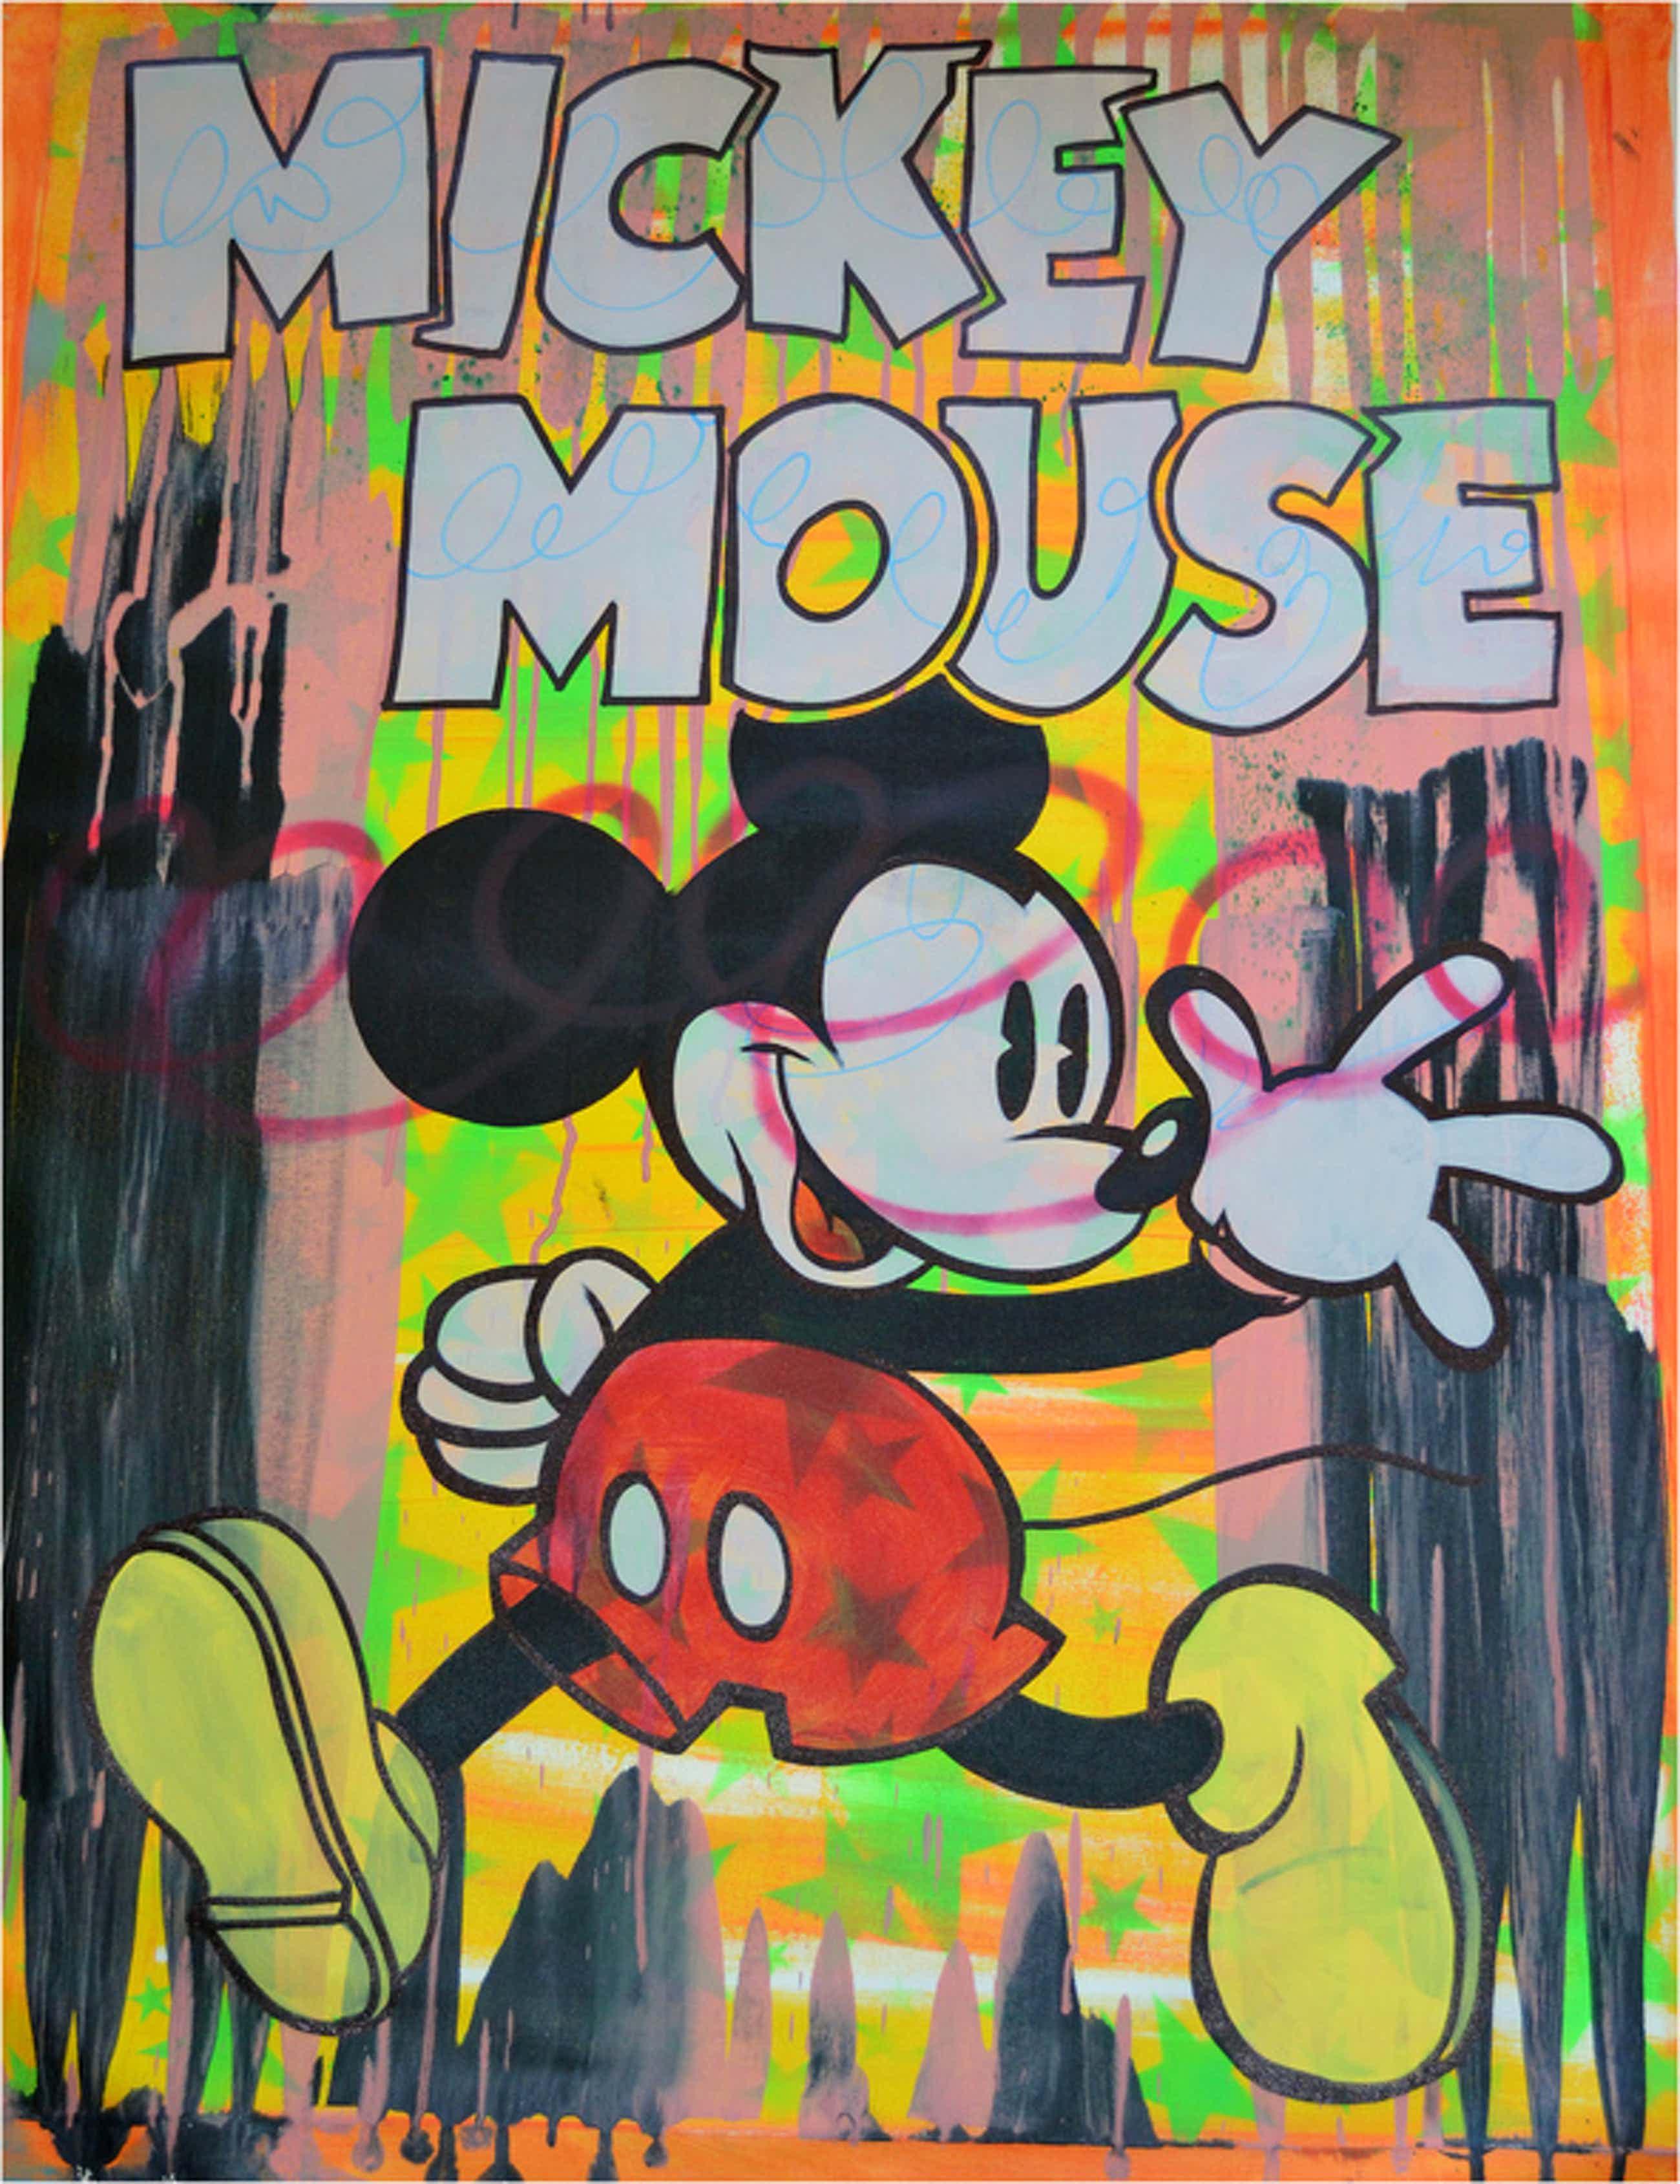 Dillon Boy, Mouse Pride, uniek origineel werk op groot doek, COA, 2015 kopen? Bied vanaf 900!